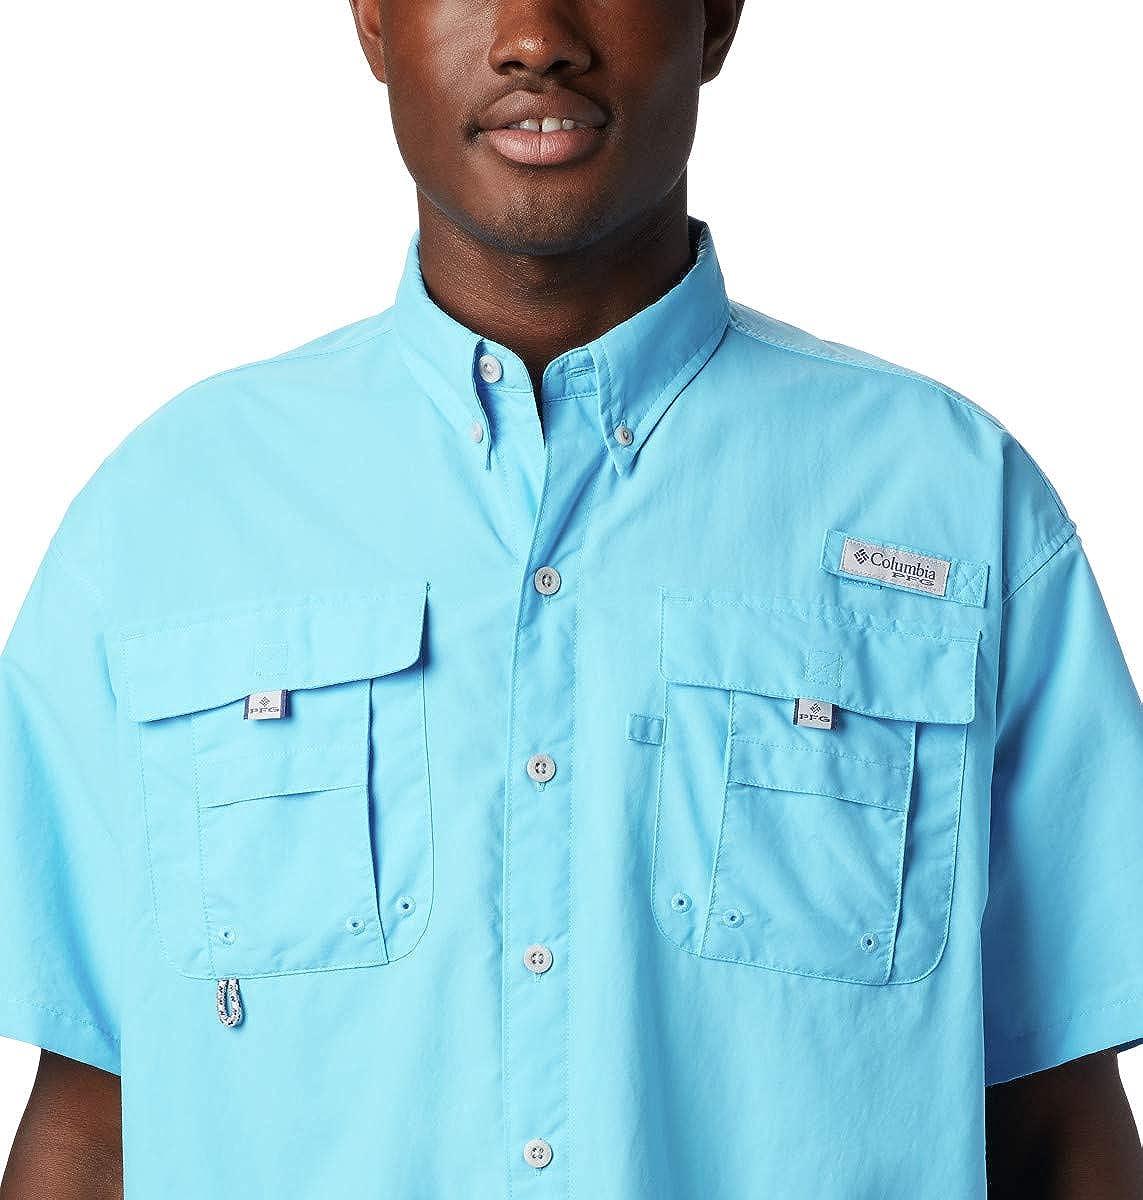 Columbia Mens PFG Bahama II Short Sleeve Shirt/—Tall